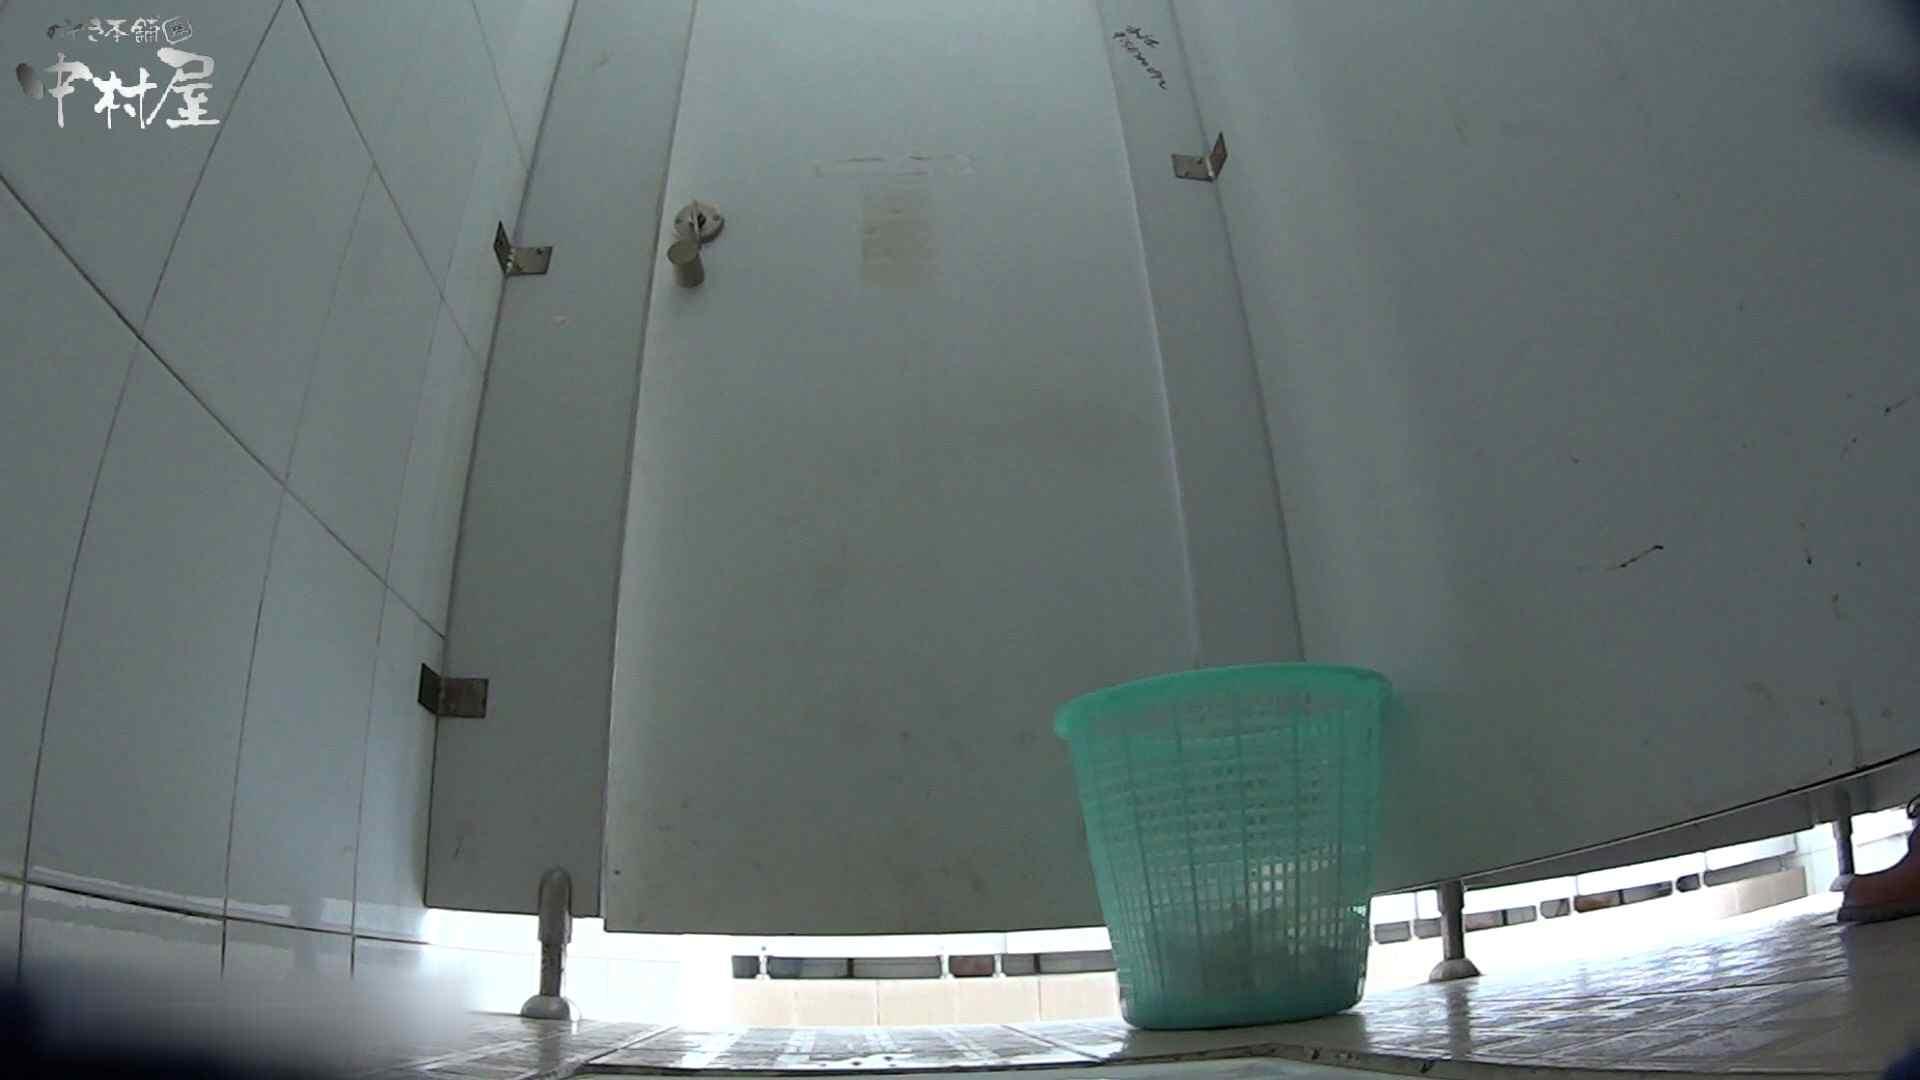 美しい女良たちのトイレ事情 有名大学休憩時間の洗面所事情06 美女 ワレメ動画紹介 47連発 17